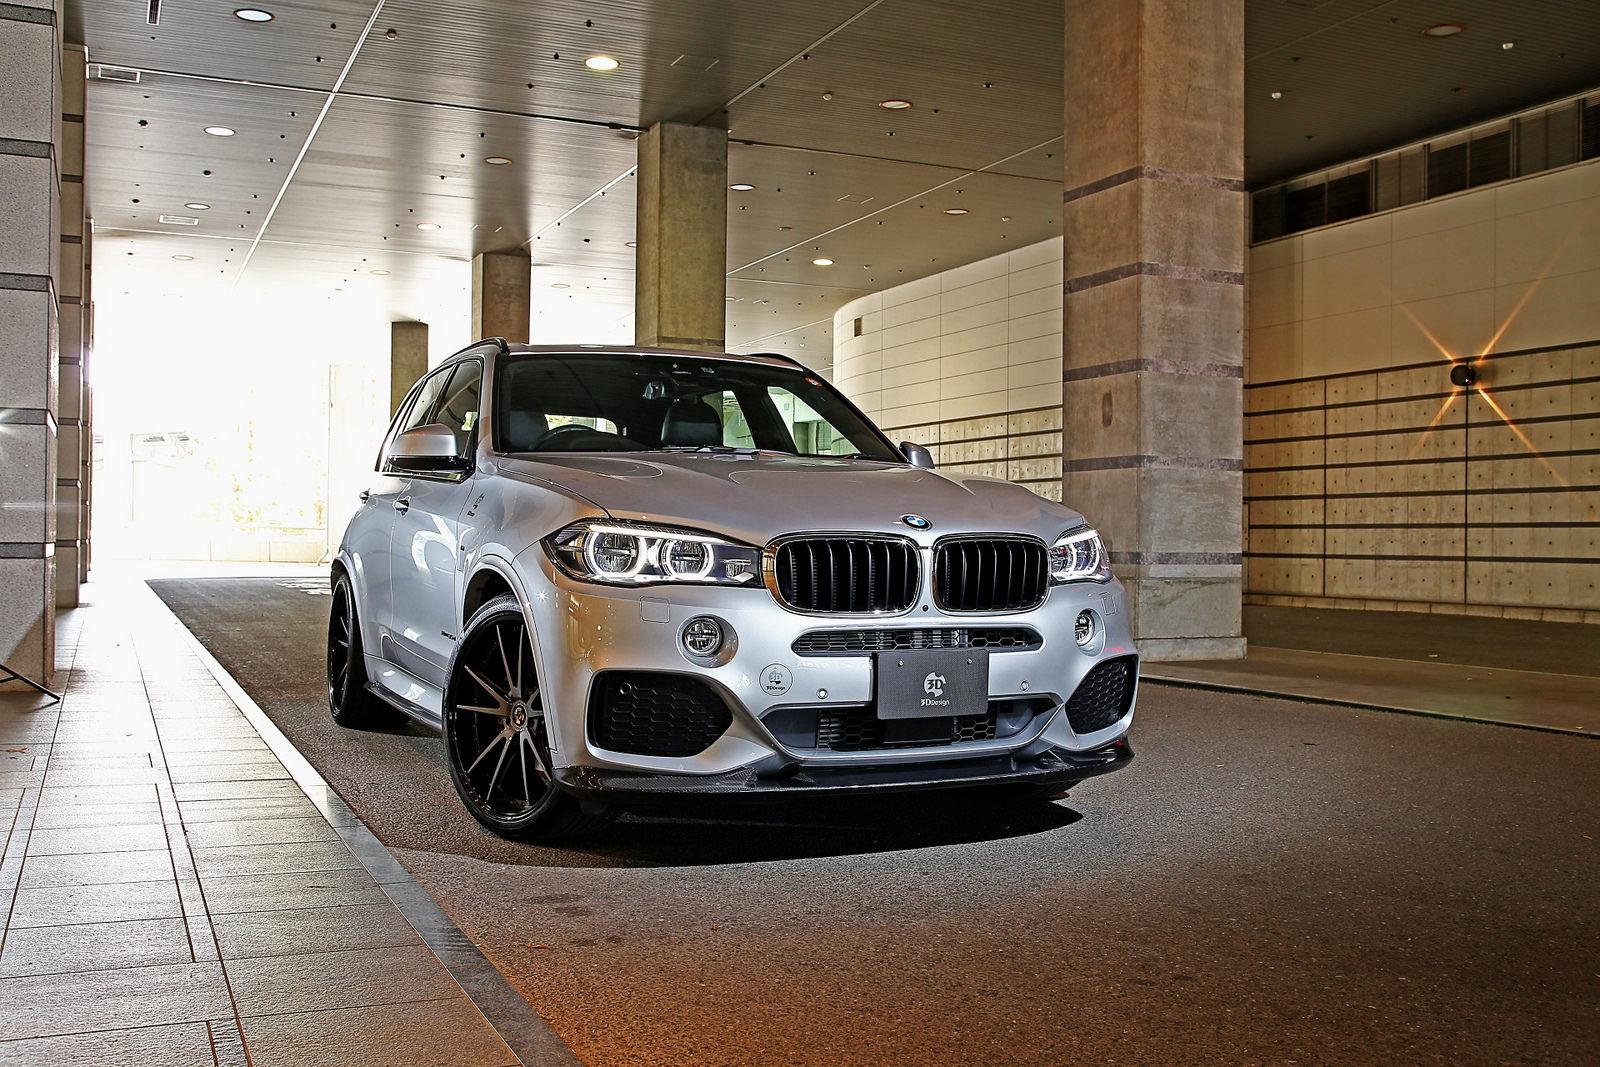 3D Designカーボンリップスポイラー for BMW F15 X5 M-Sport